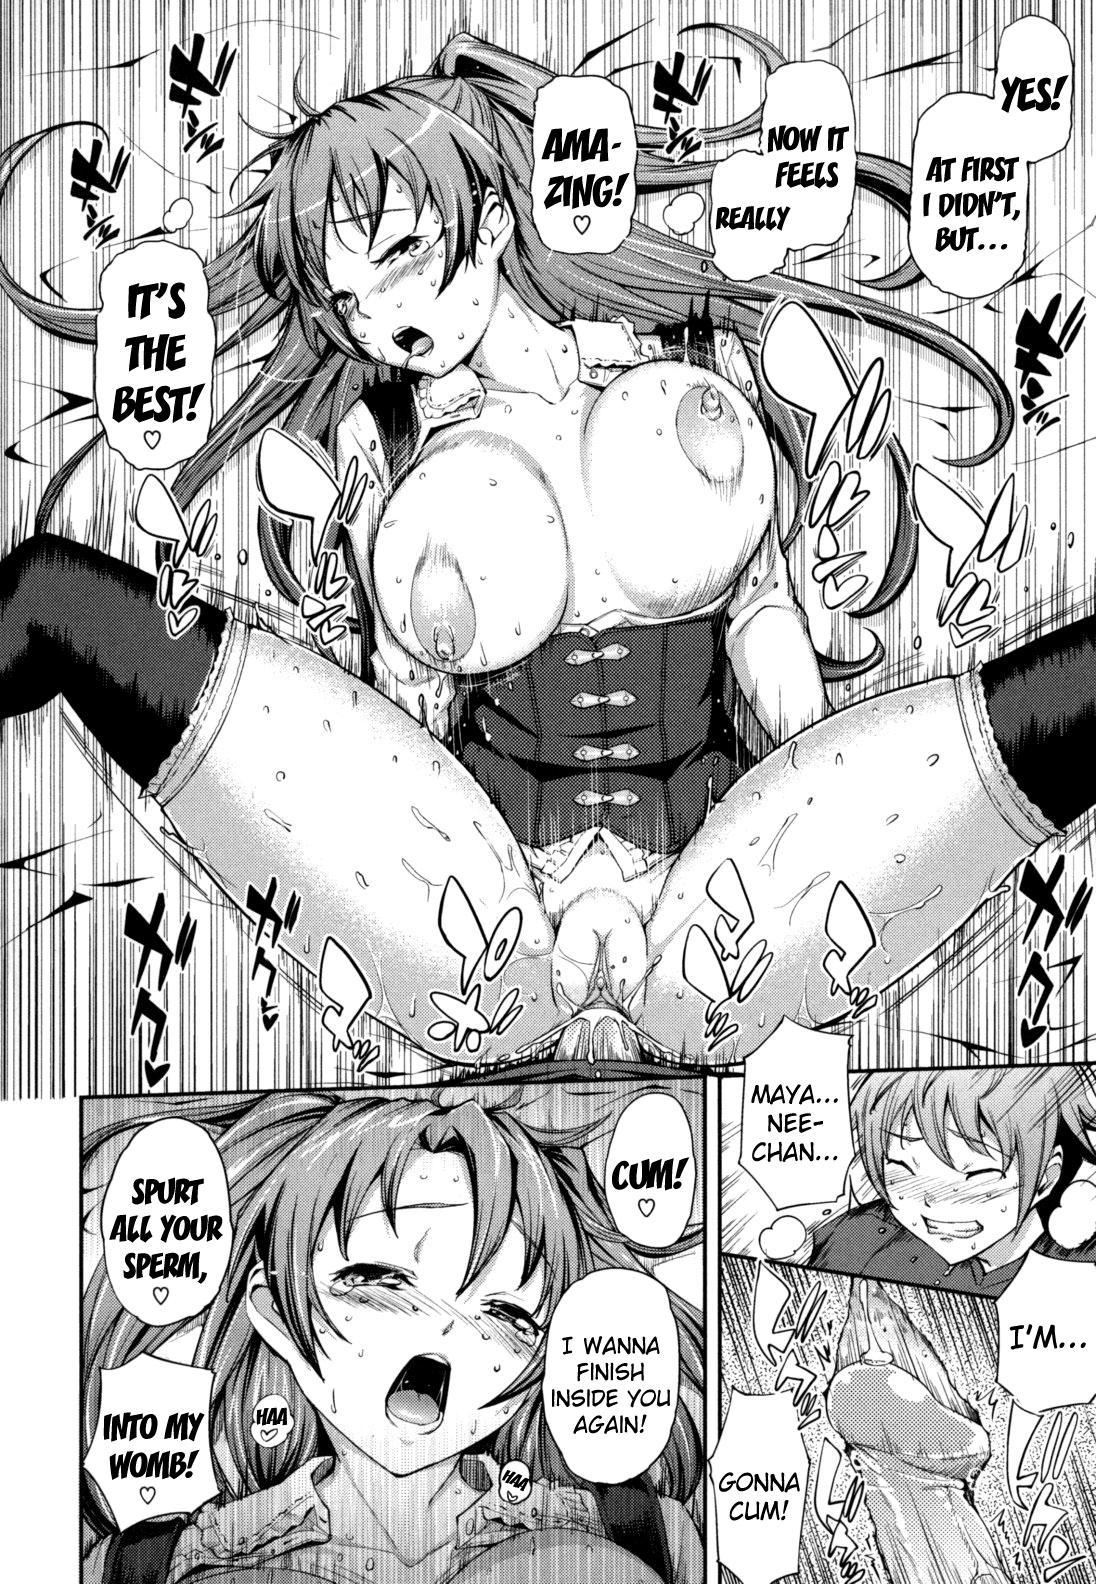 Boku no Watashi no Shitai Koto!   What You and I Want to do Together 85